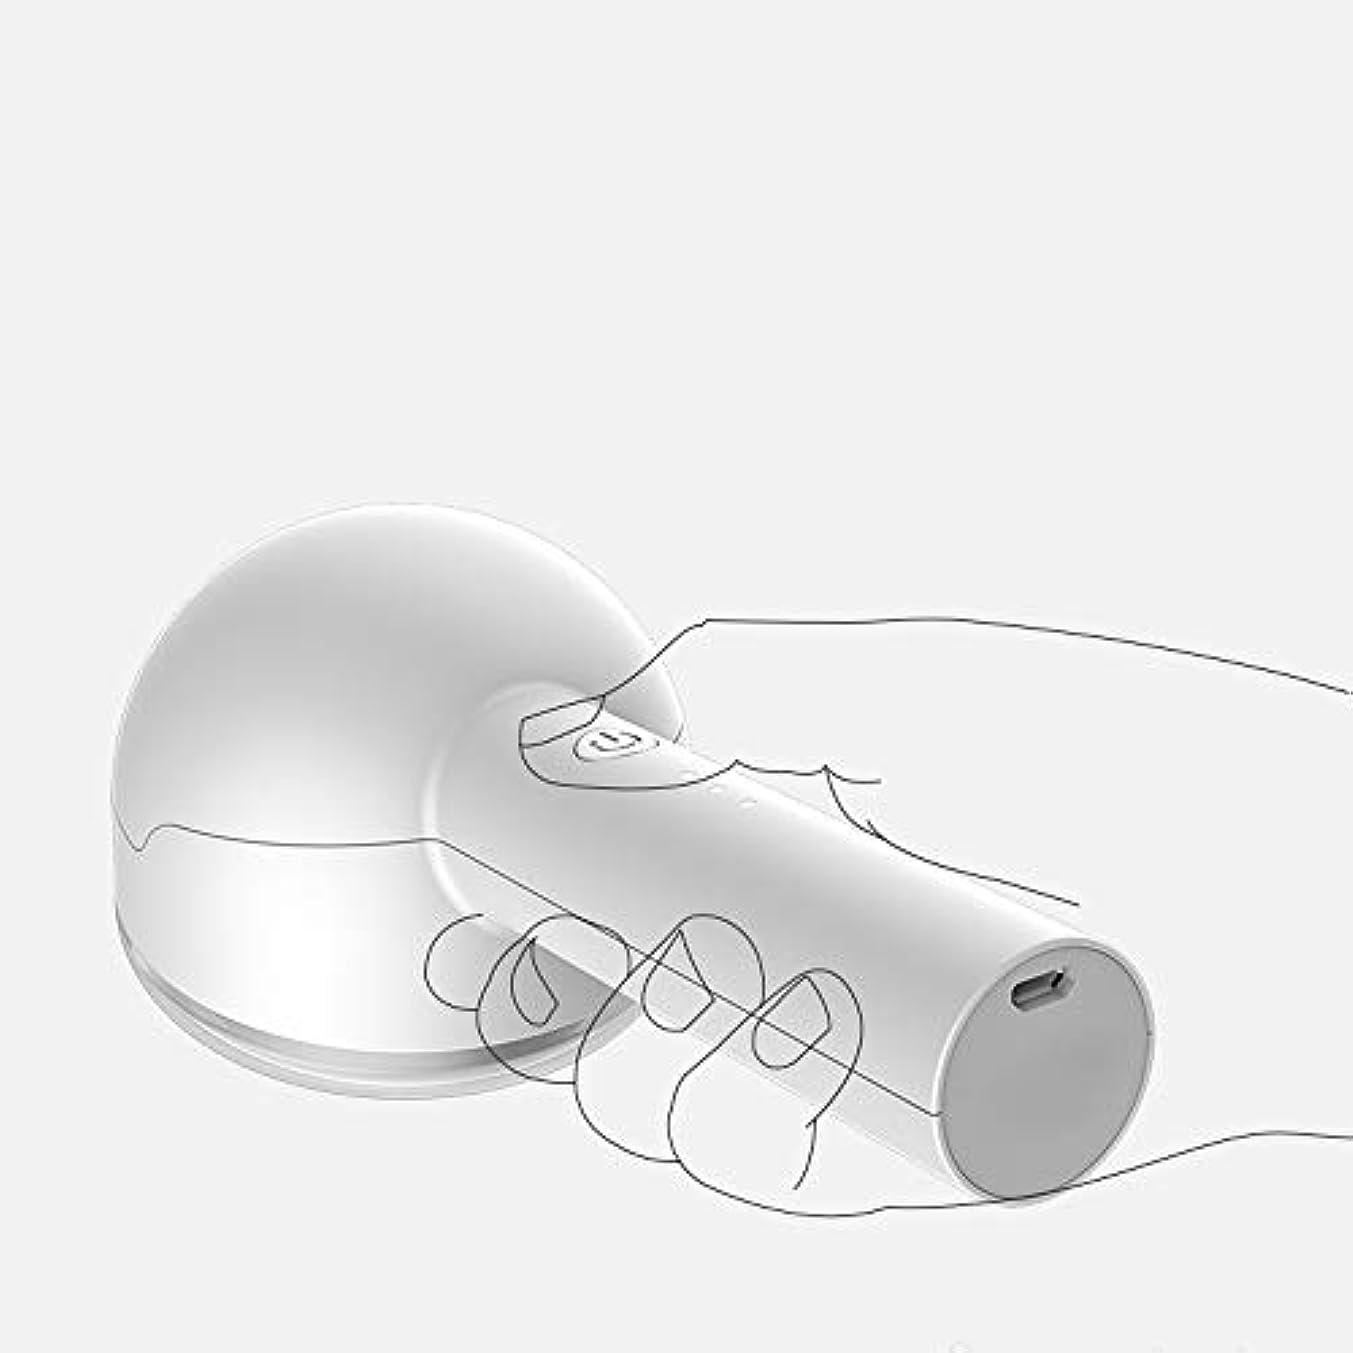 復活するビクターインストール飛強強 ファブリックシェーバー - リントリムーバー衣類シェーバーフリース服の充電式ボブファブリックシェーバー 家具の脱毛 (Color : White)